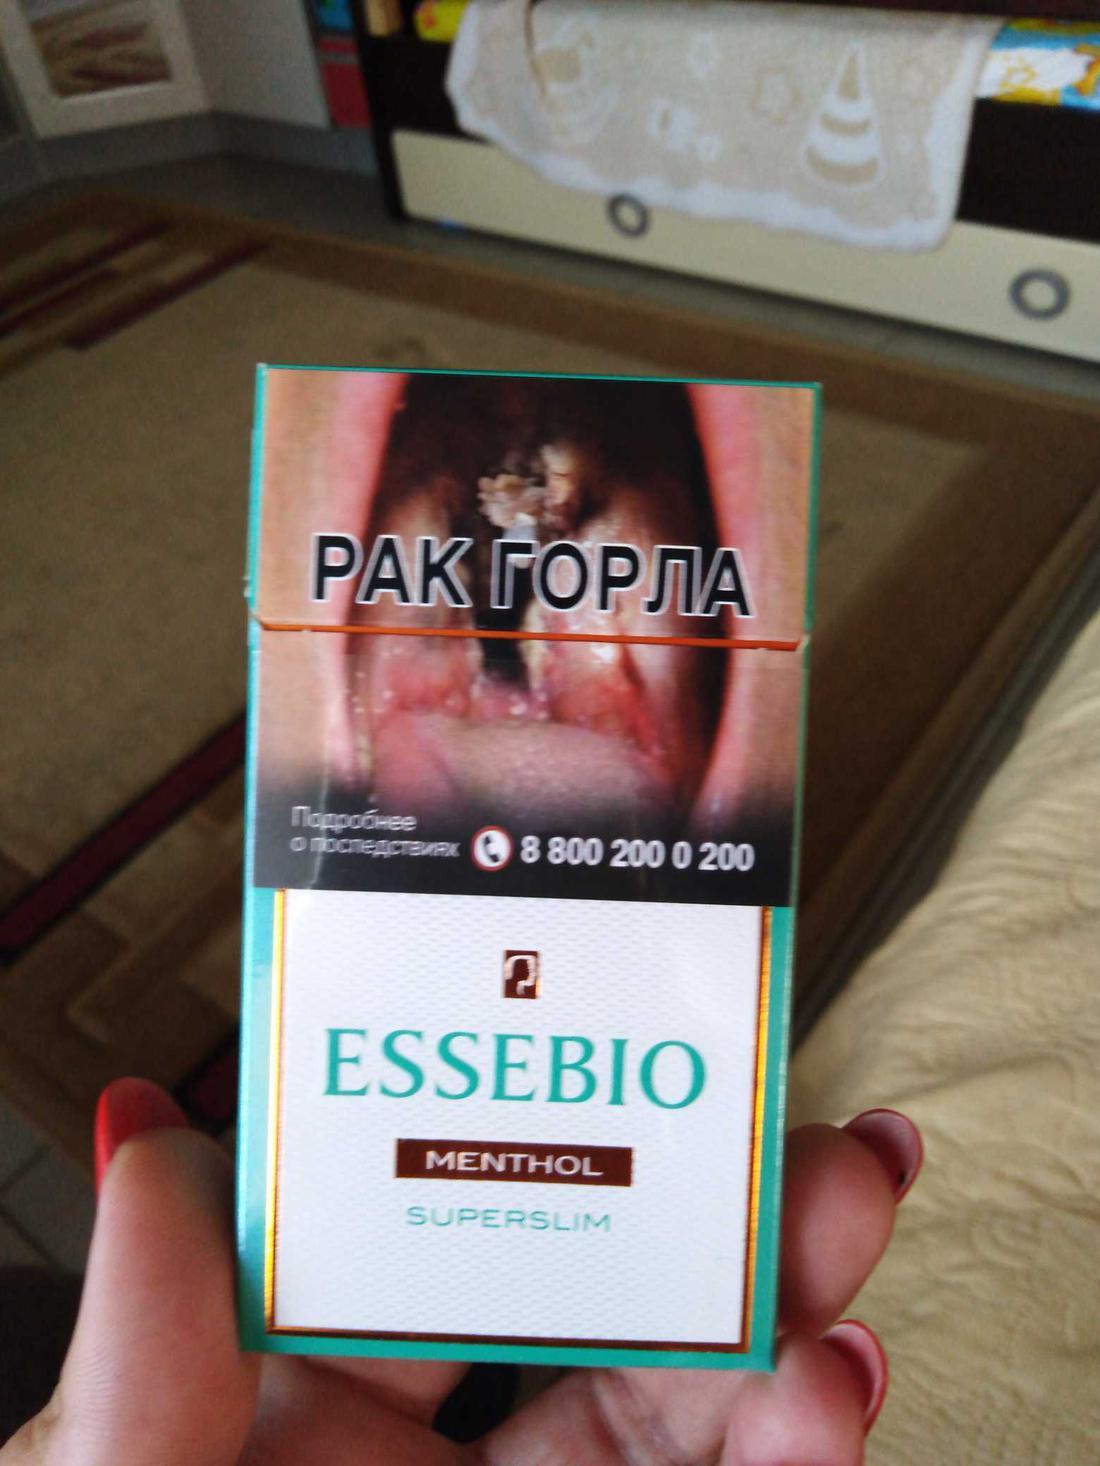 Essebio сигареты купить в москве купить сигареты bond с кнопкой